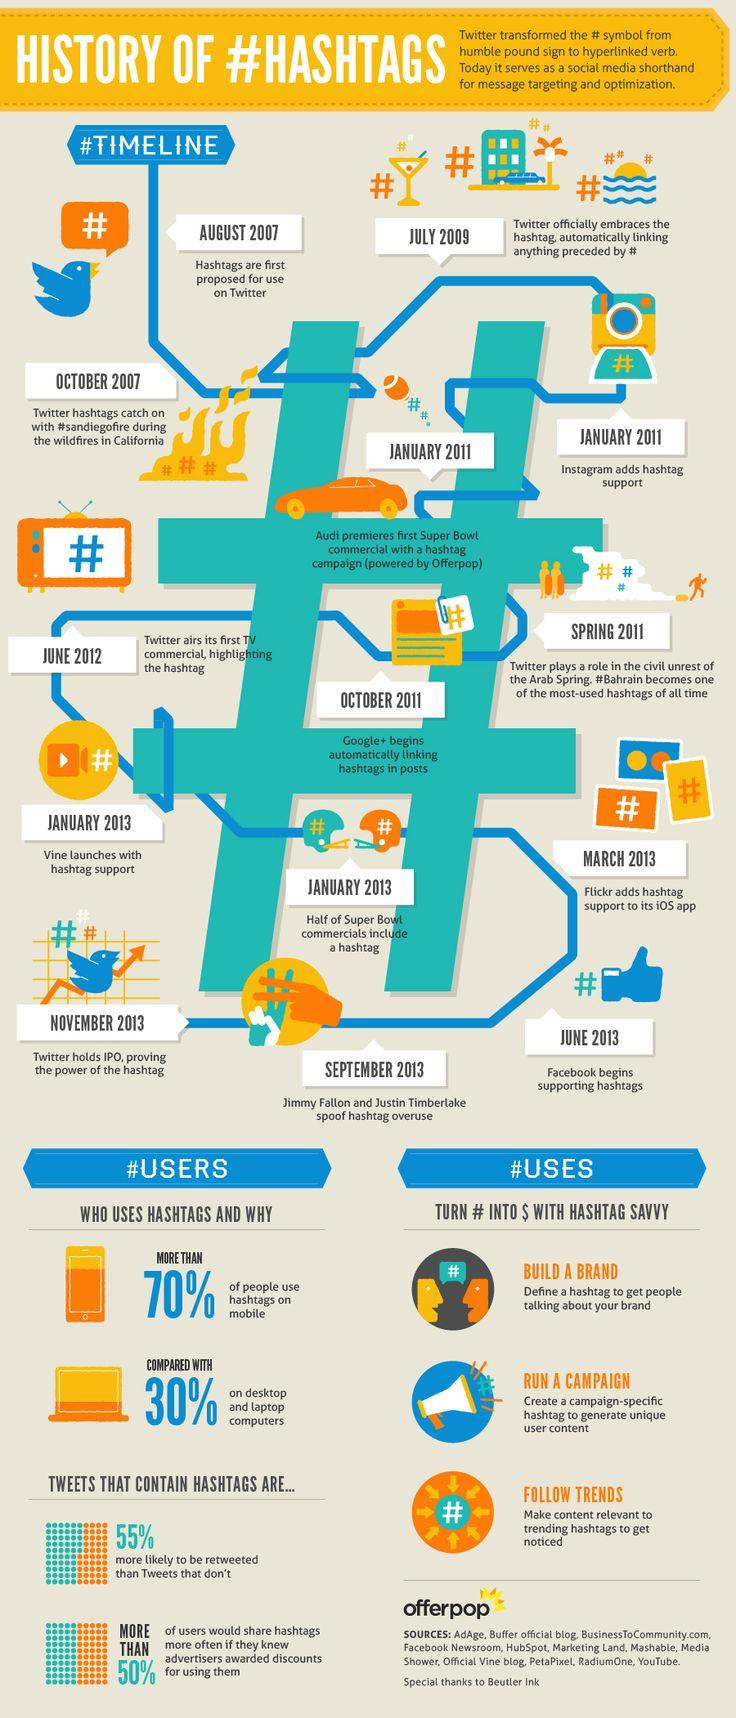 Hashtags history